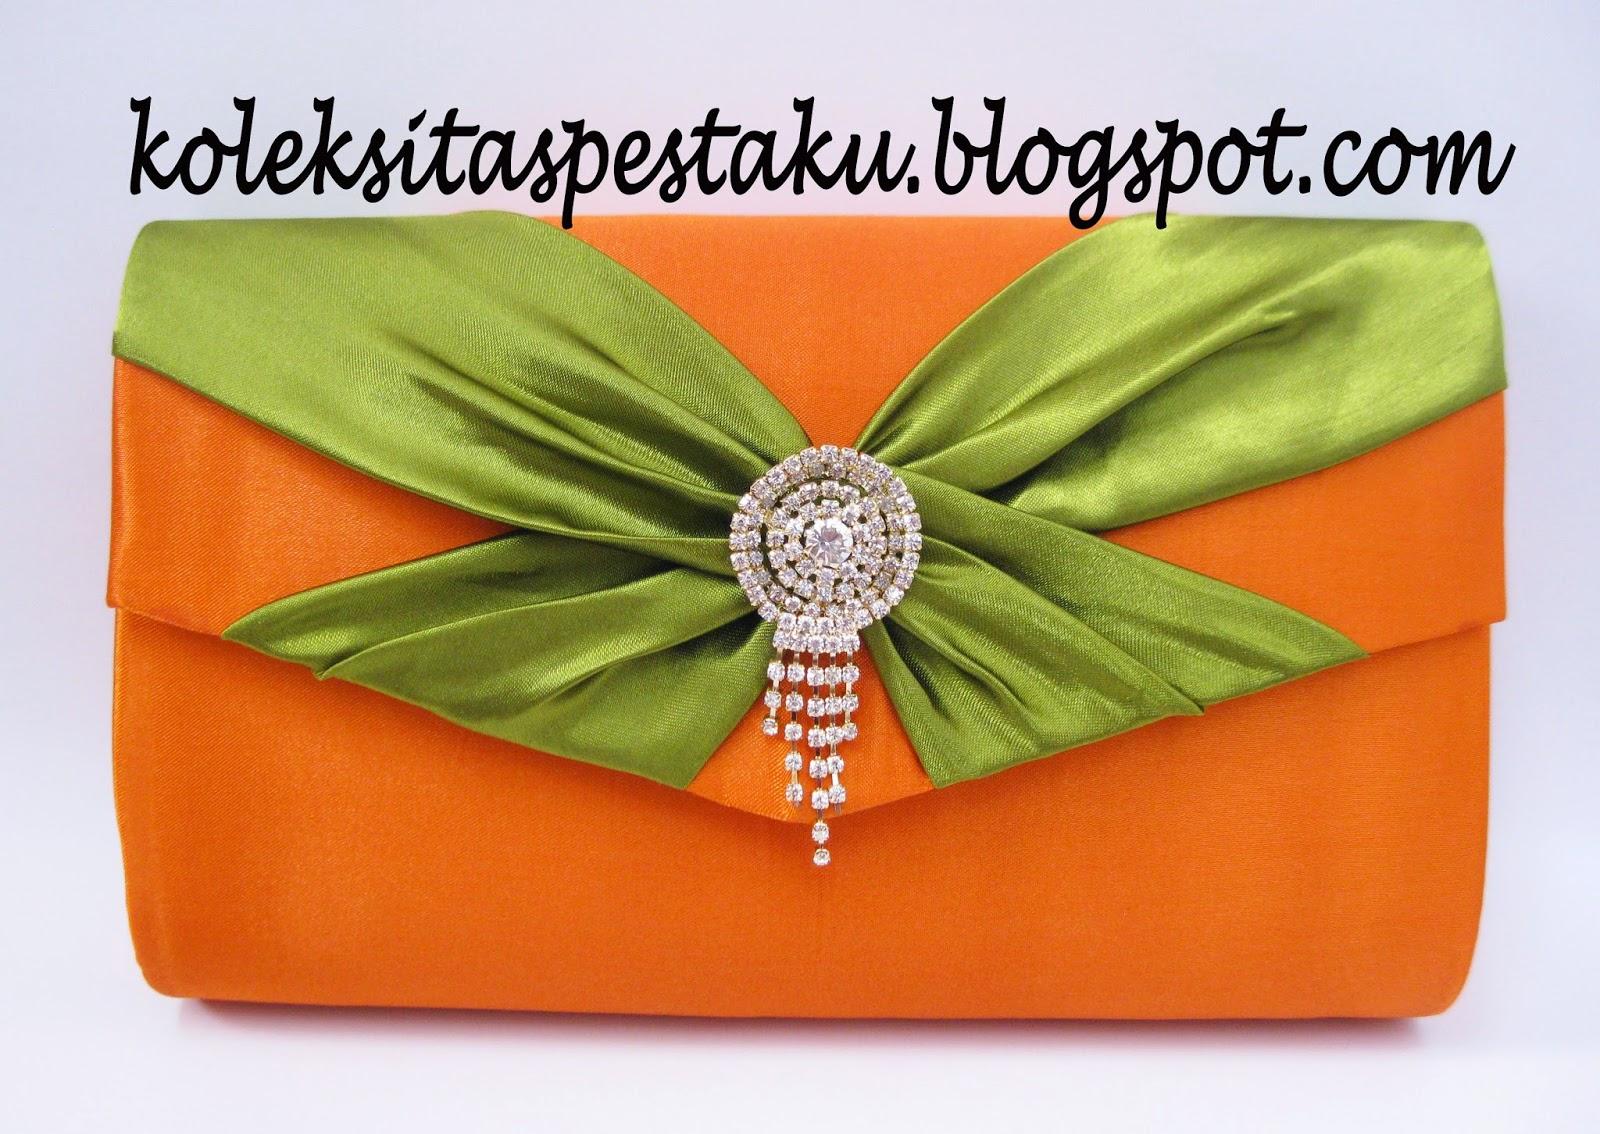 tas dompet pesta murah tapi mewah warna elegant bross jurai silver